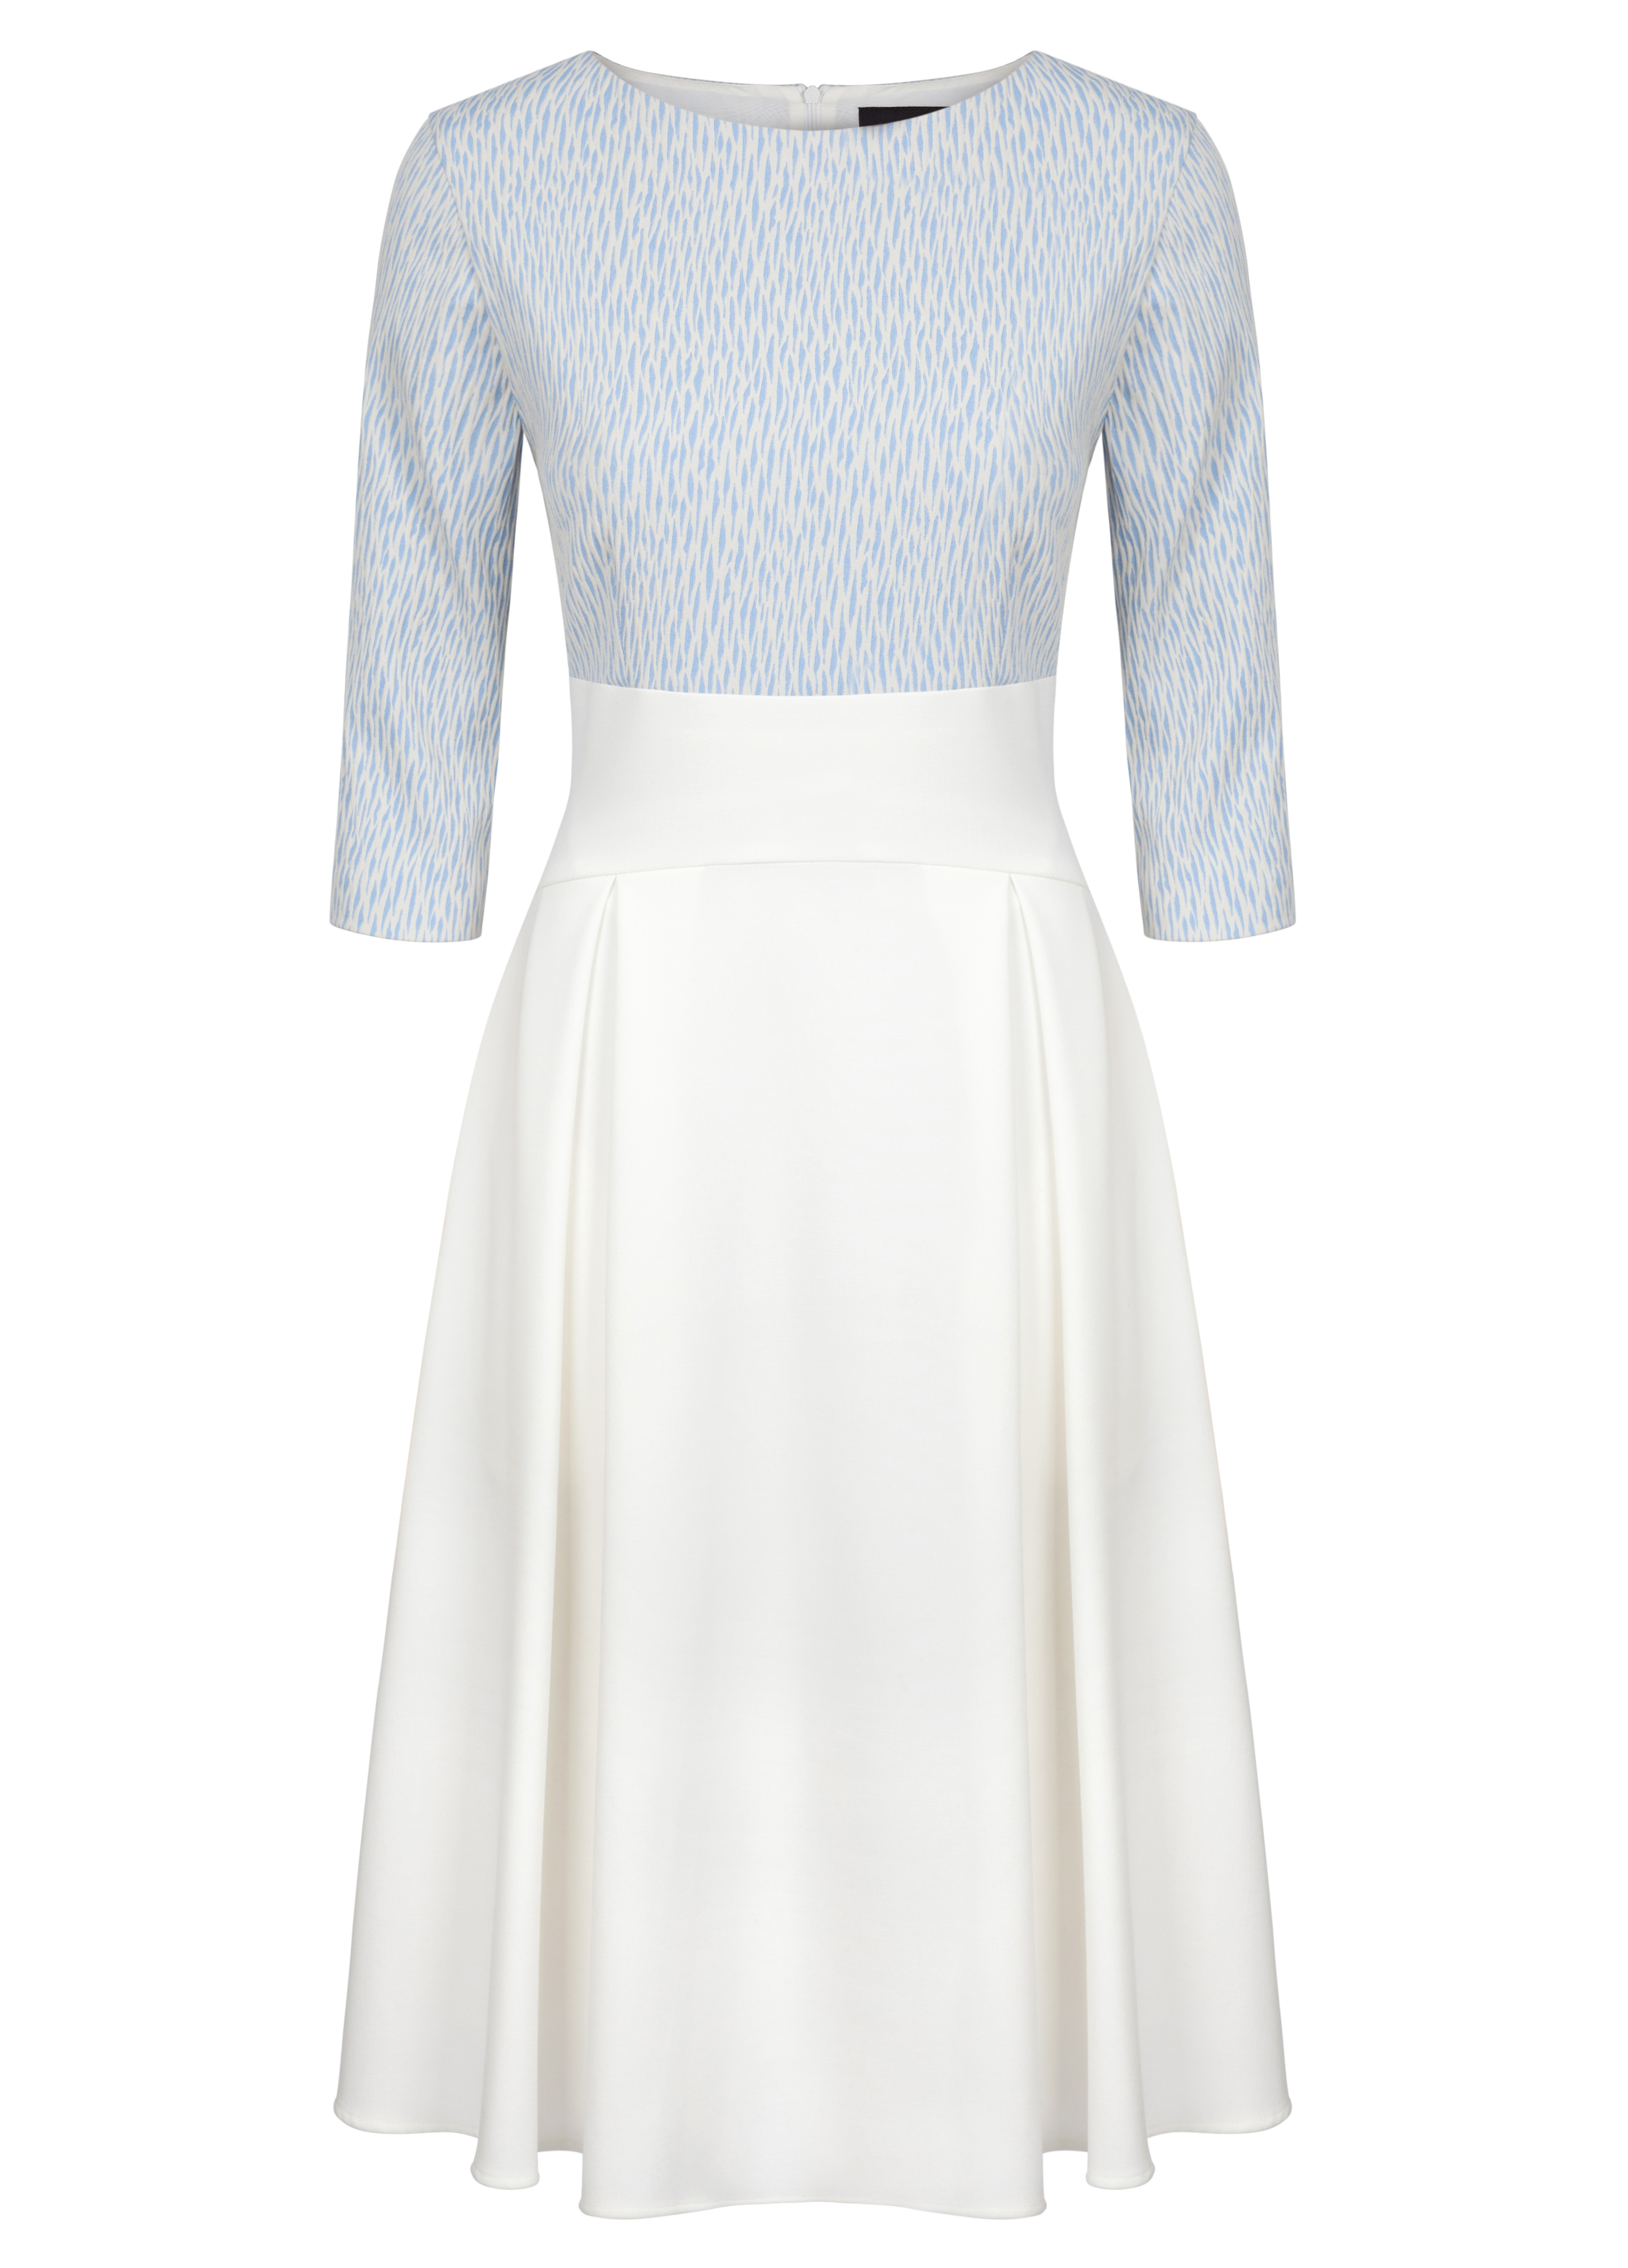 Fee G Ivory and Blue Jaquard Dress